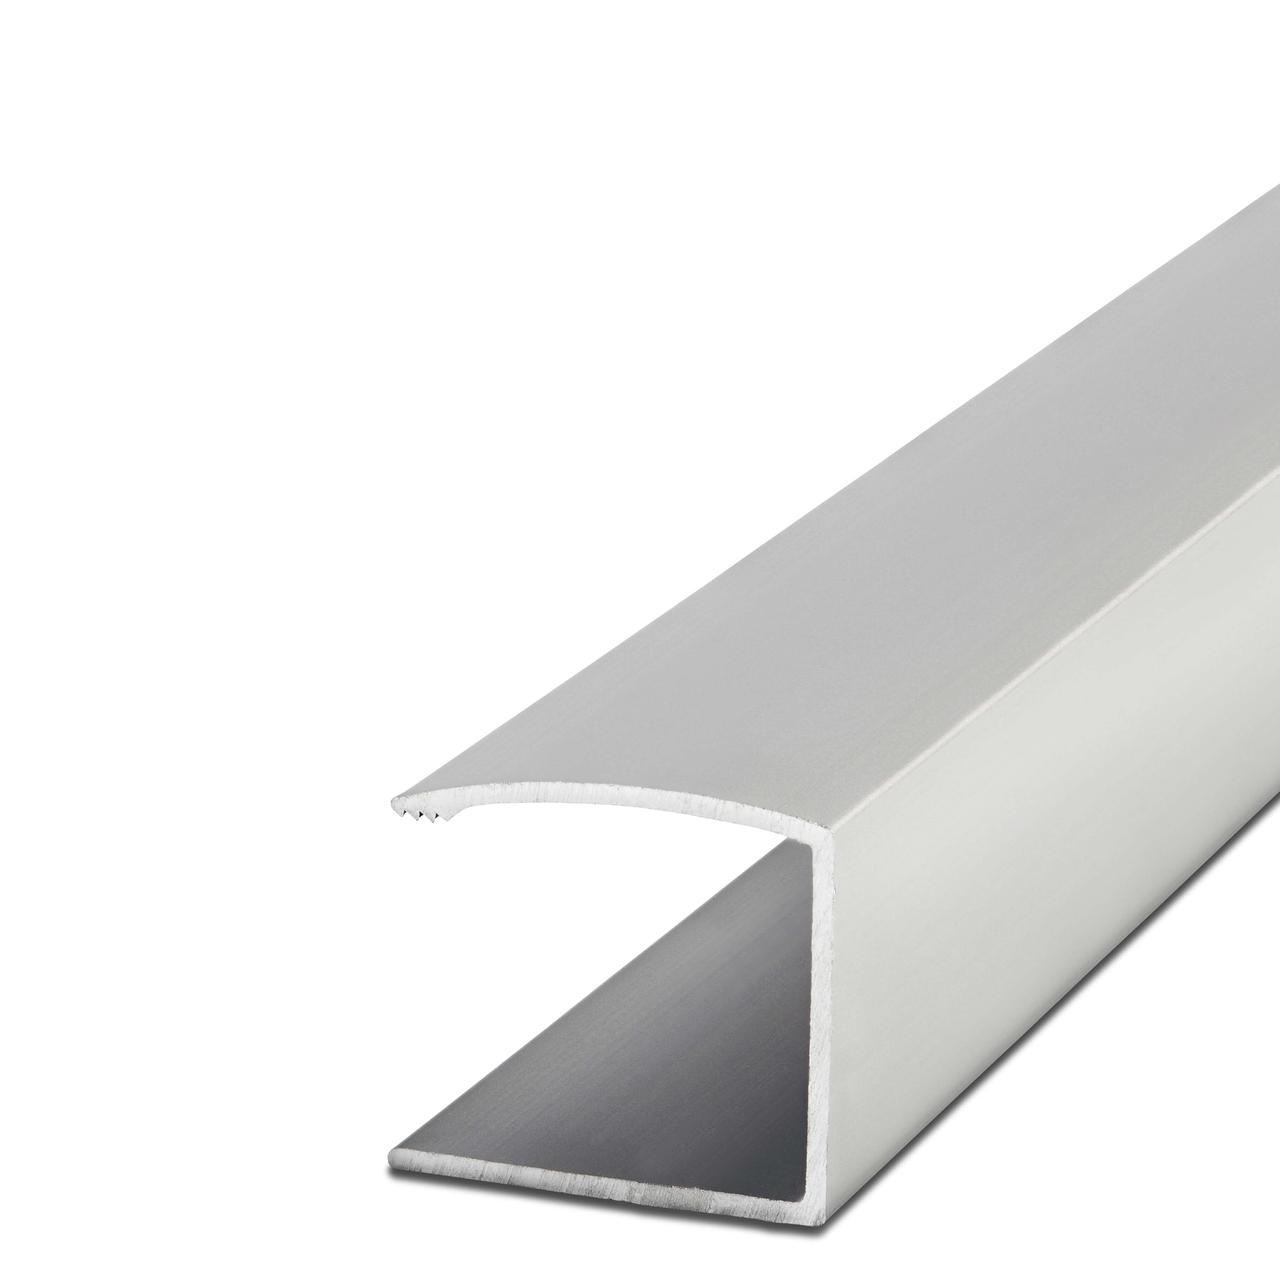 Кромка-профиль 16мм. AL-16-2 2.7м. алюминий